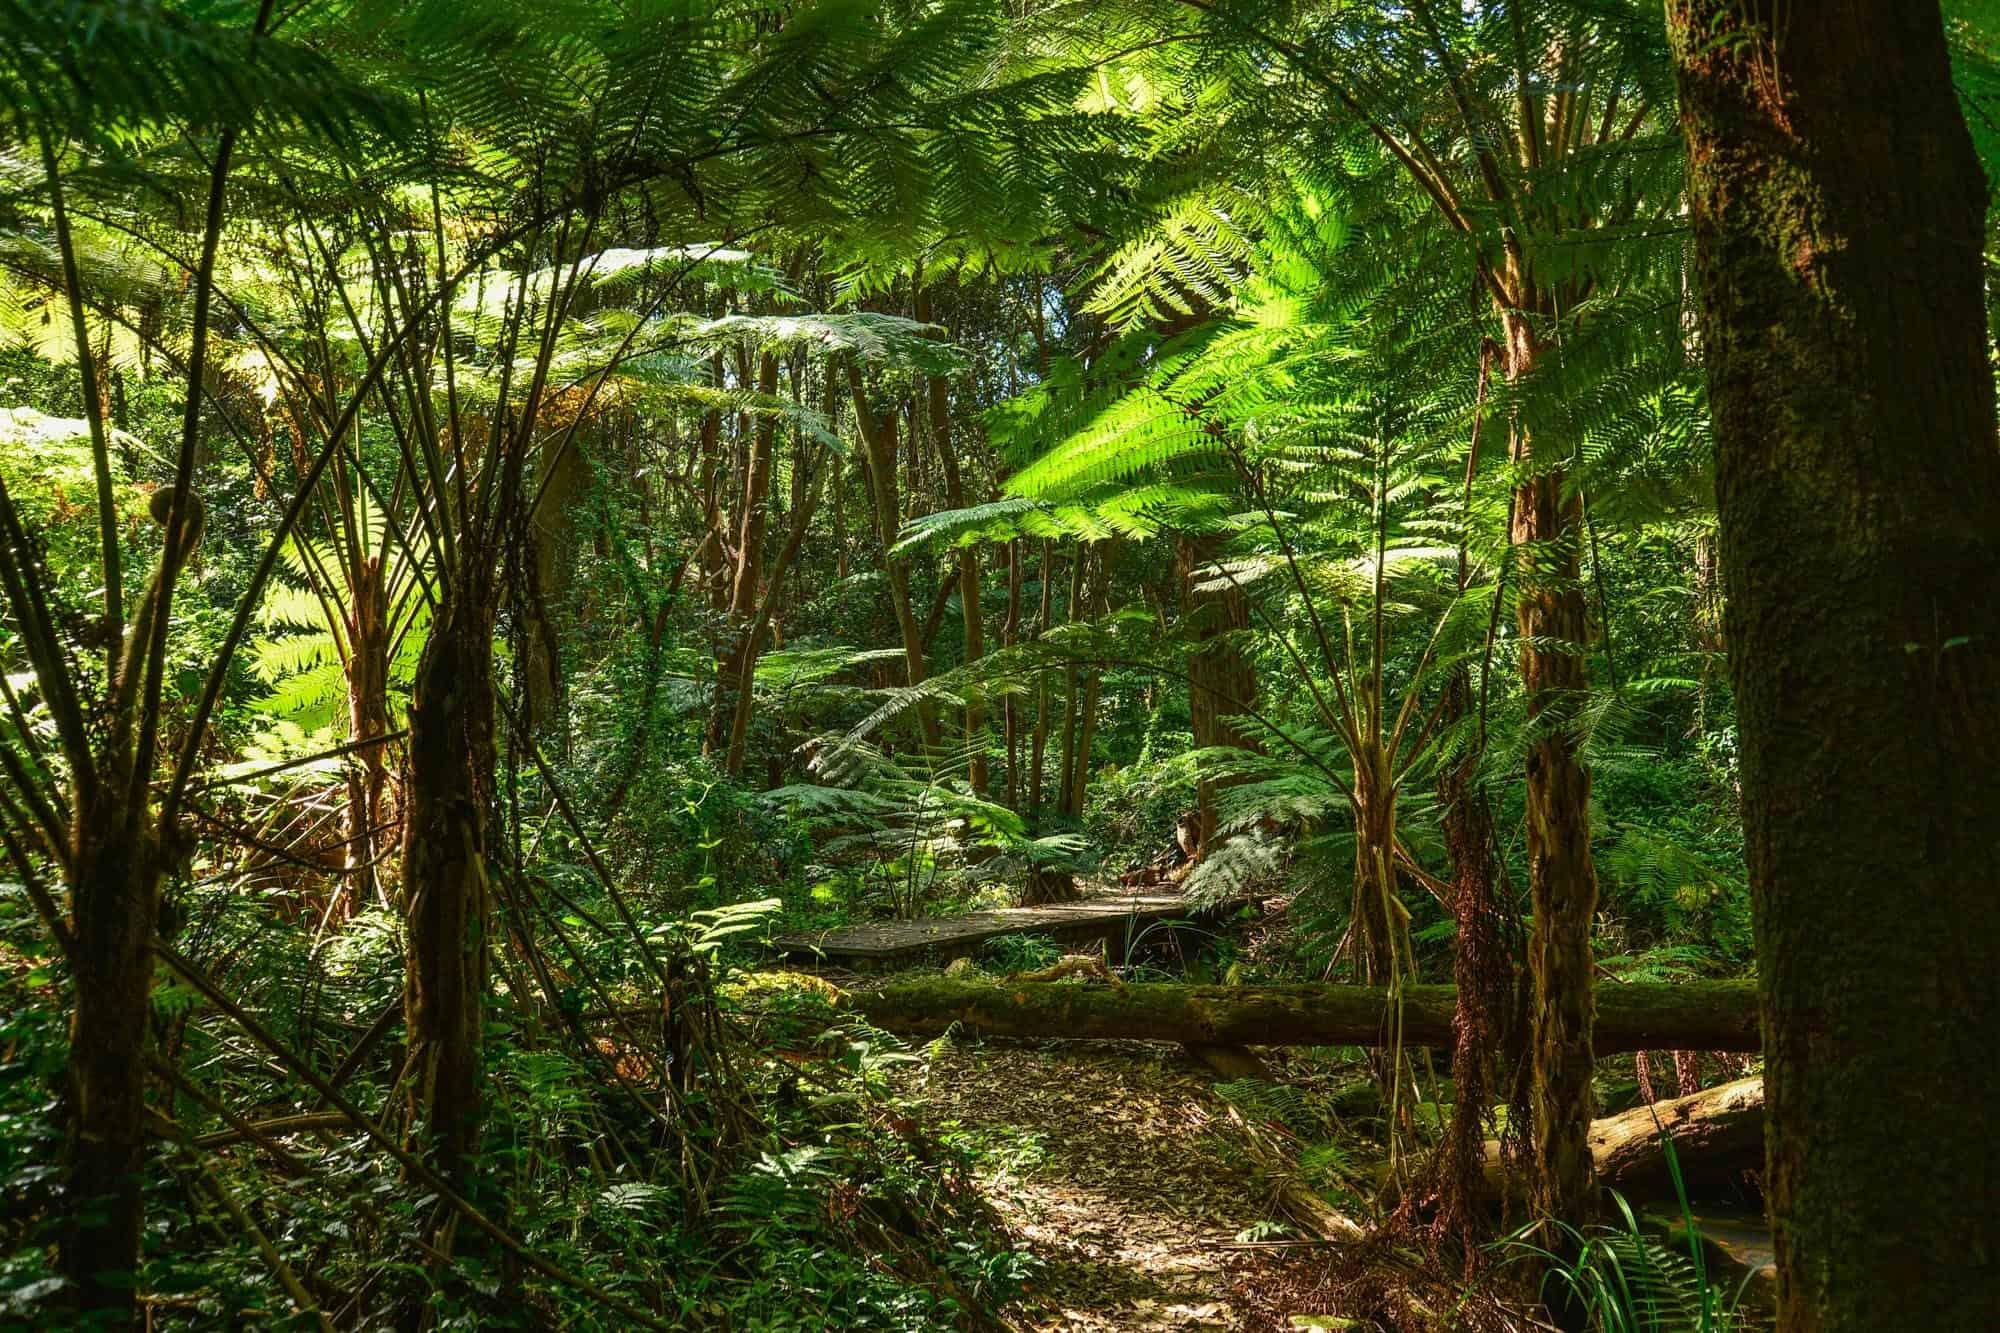 Temperate rainforest.